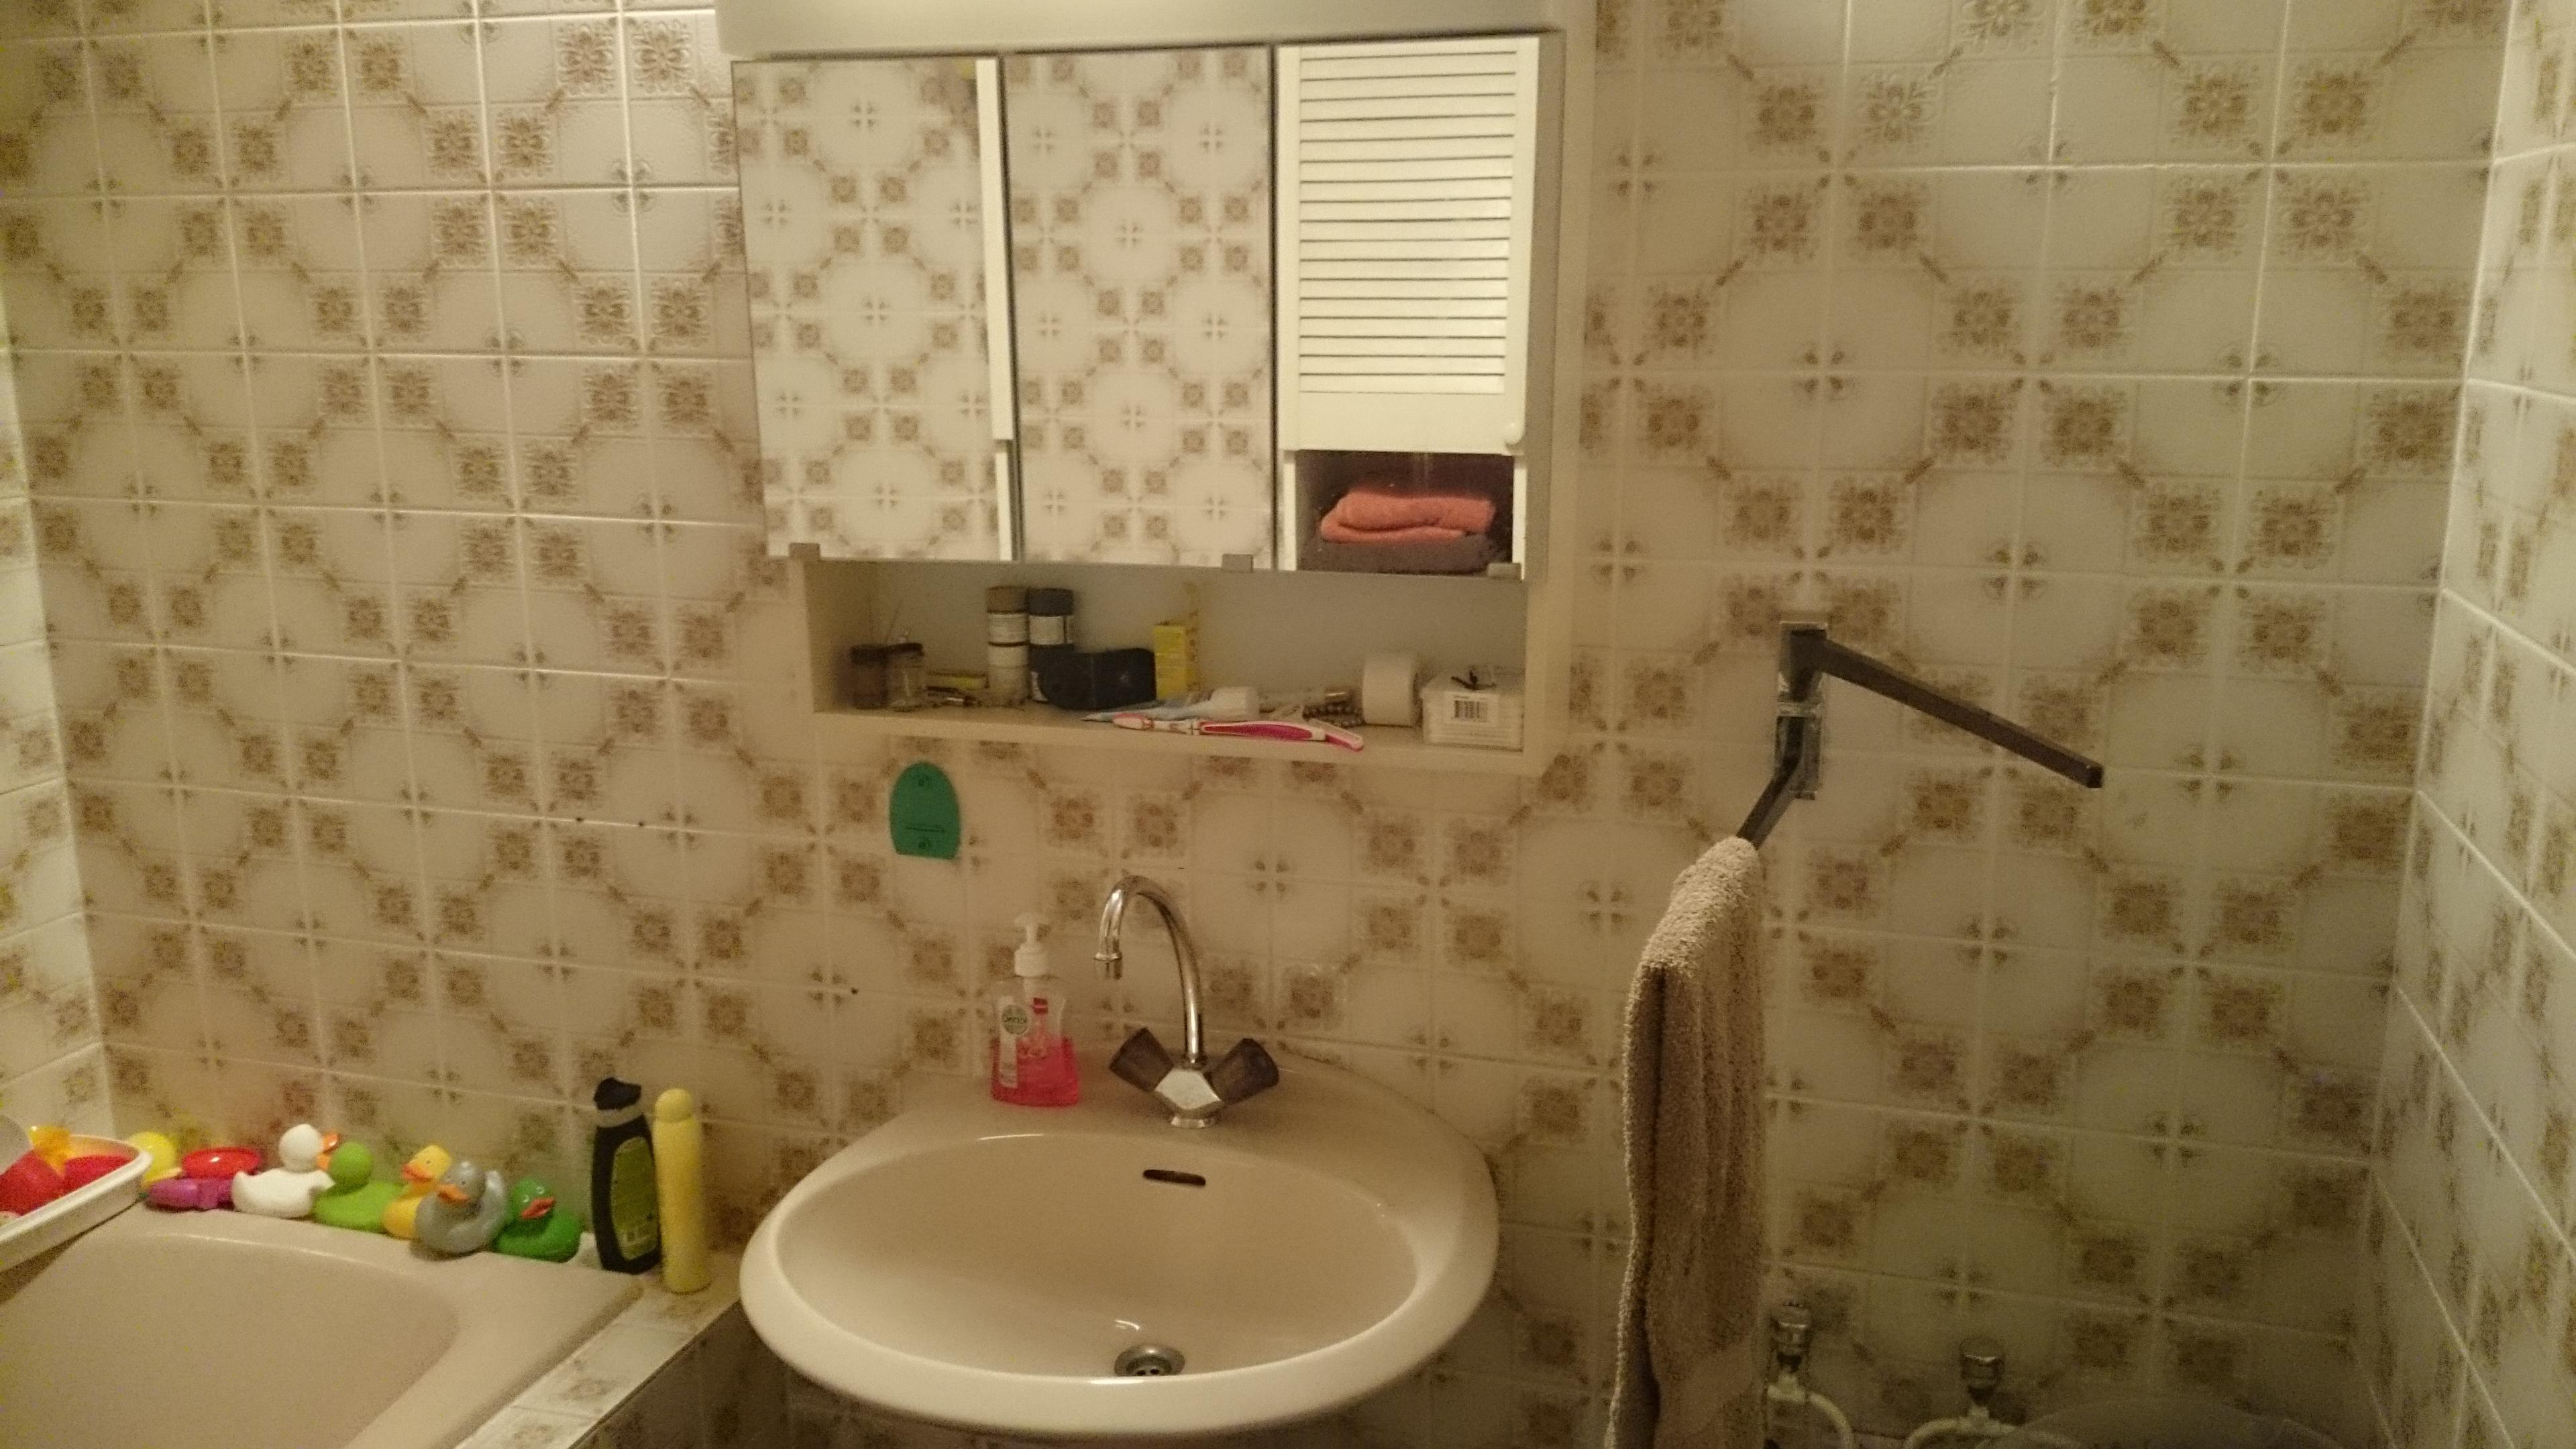 Oude Badkamer Accessoires : Van jaren badkamer naar het hier en nu voordemakers